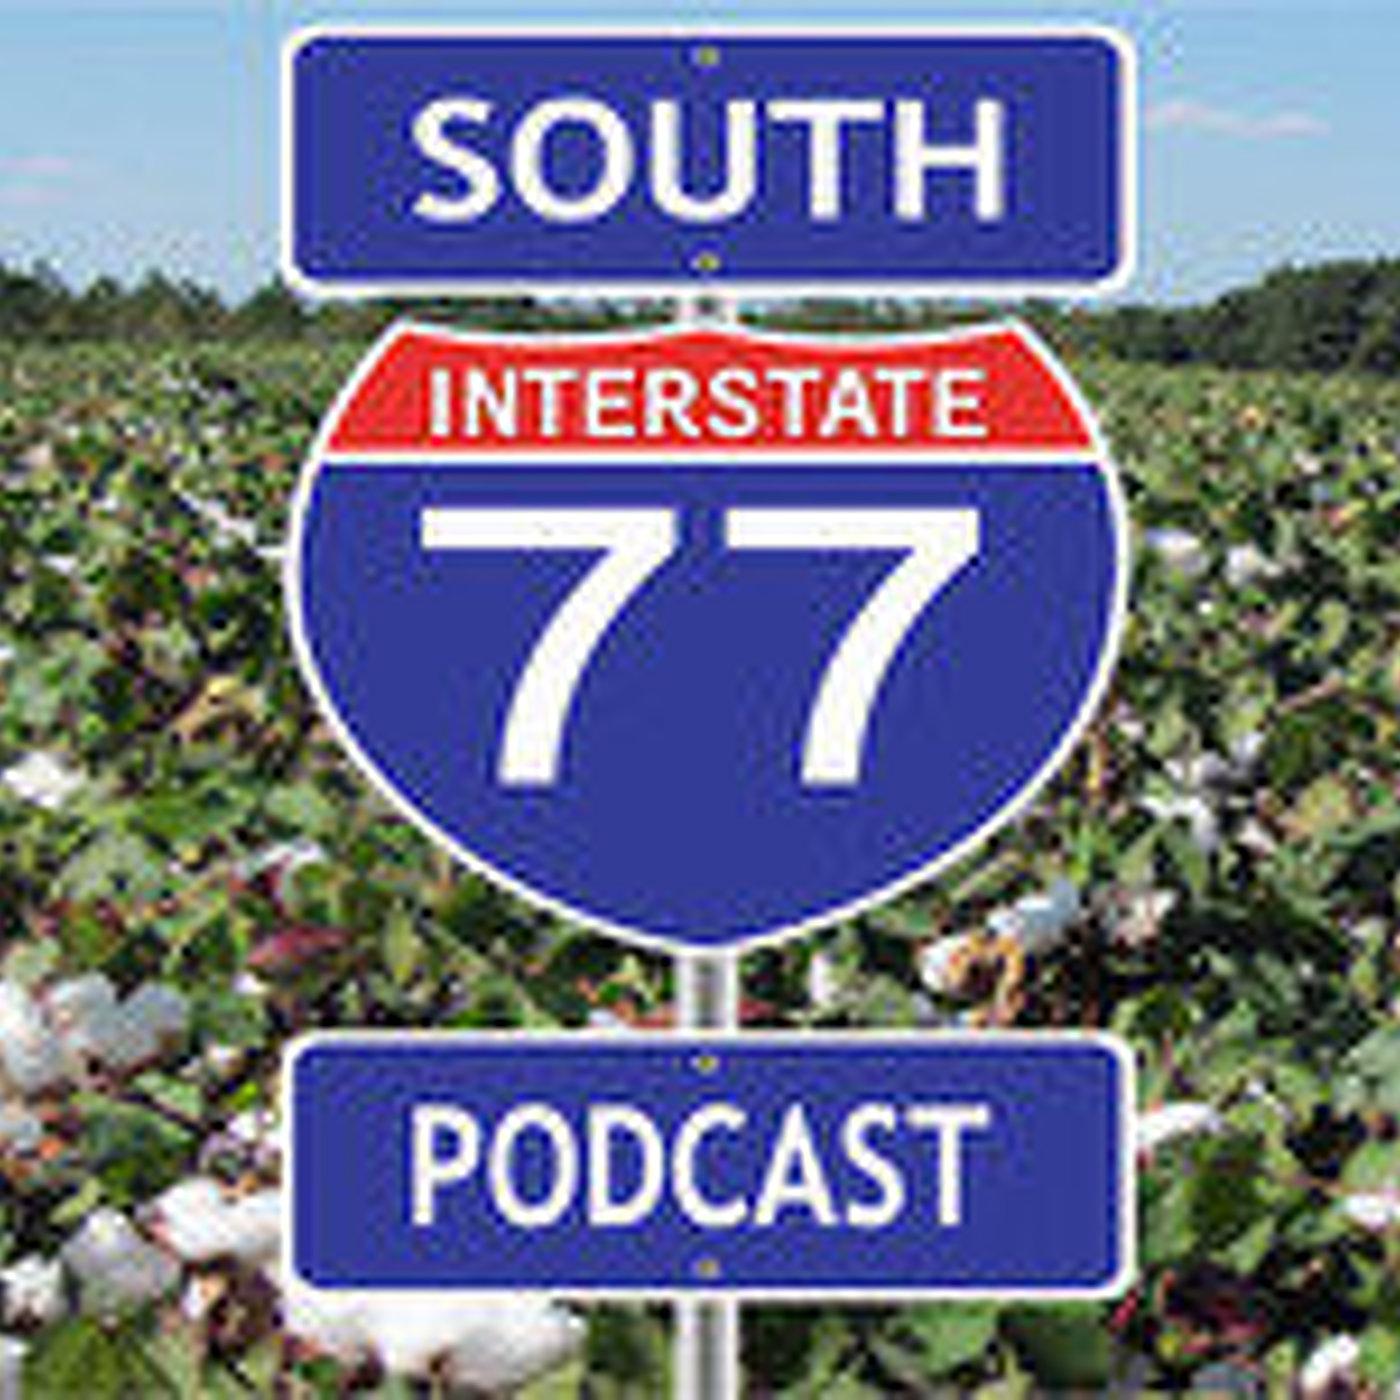 #Interstate77 Podcast T02E11 - Barack Obama, Impuestos y Fiesta de compromiso en EEUU